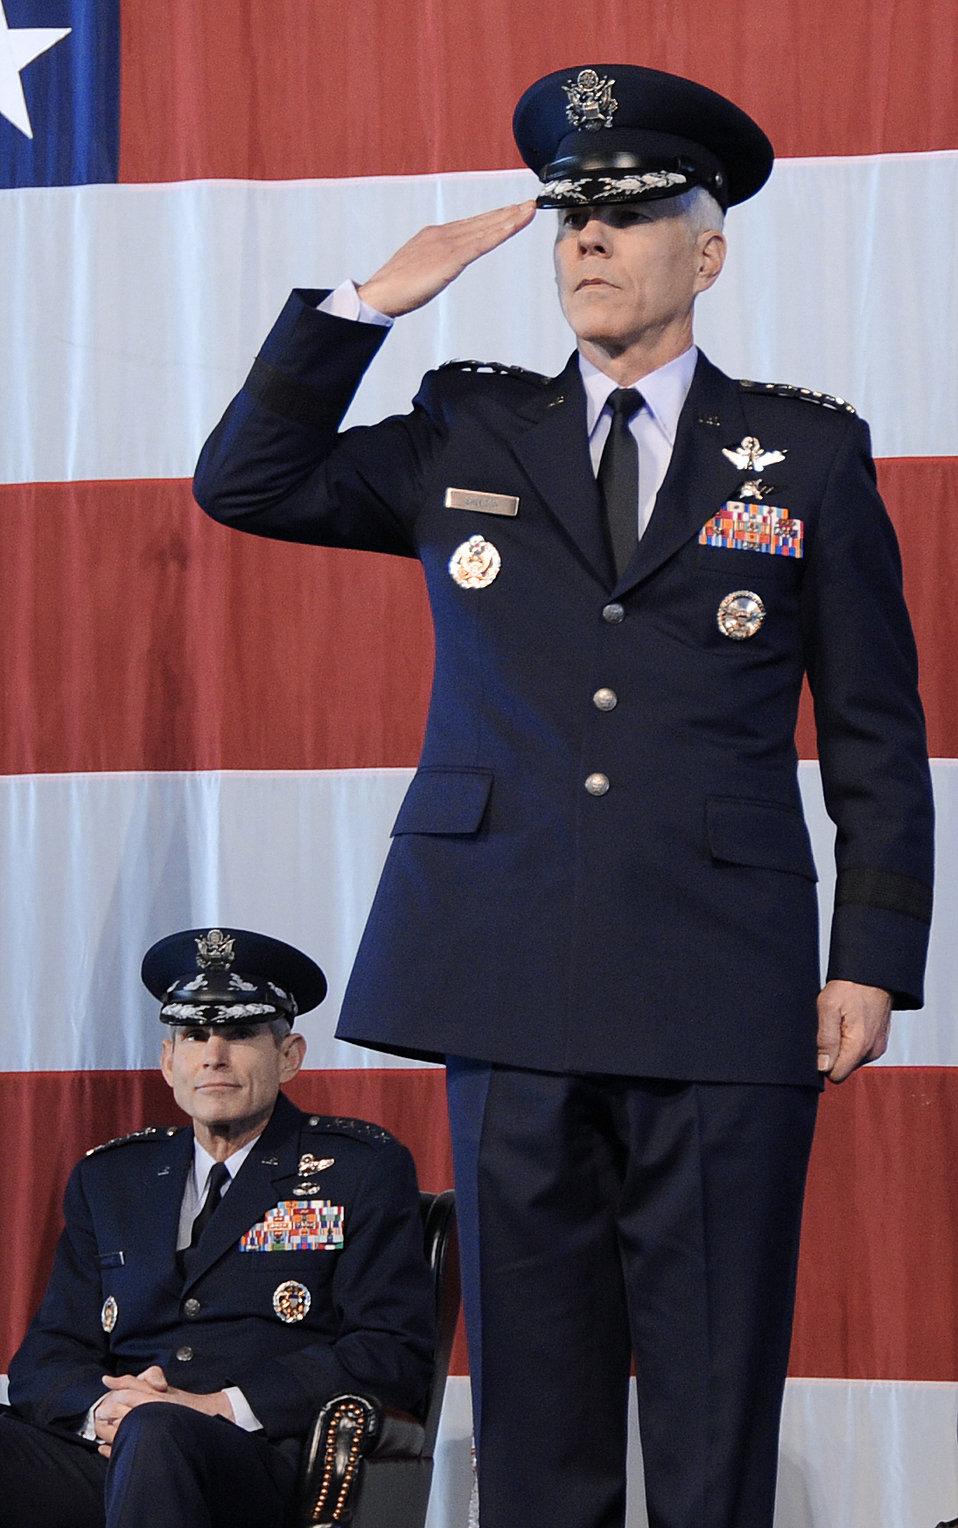 AFSPC commander